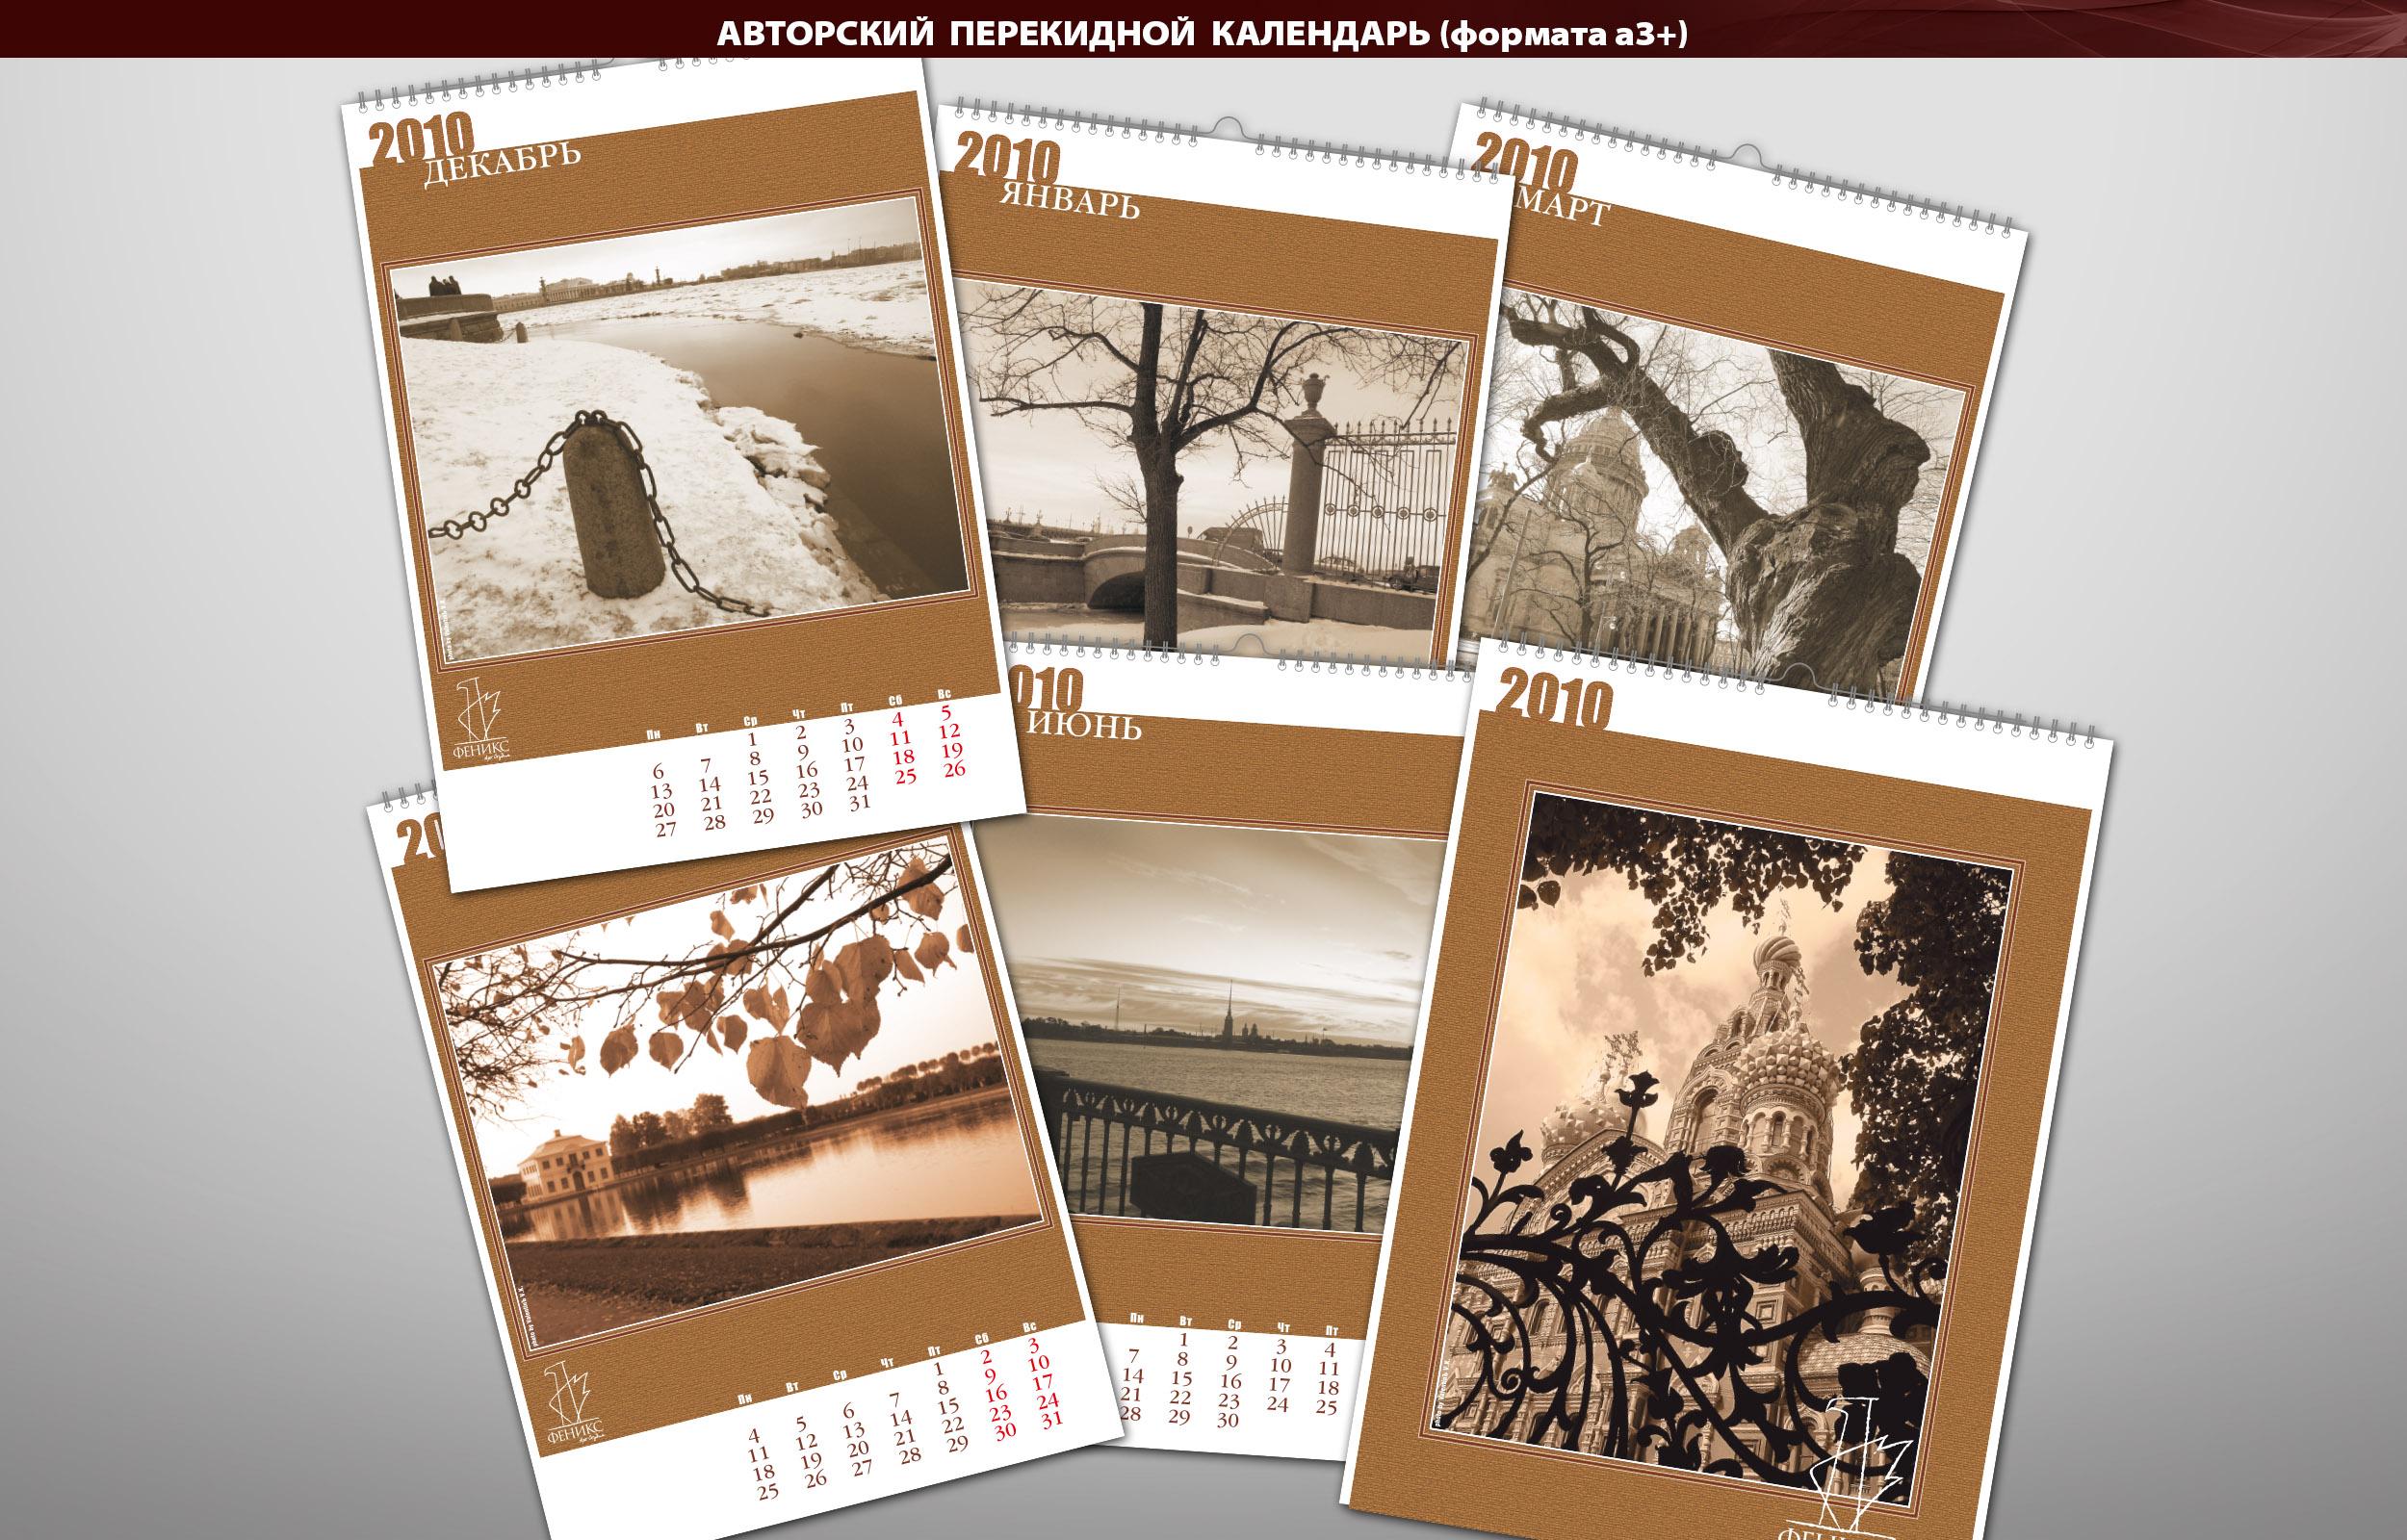 Авторский перекидной календарь Арт-Студии «Феникс» (формата аЗ+)